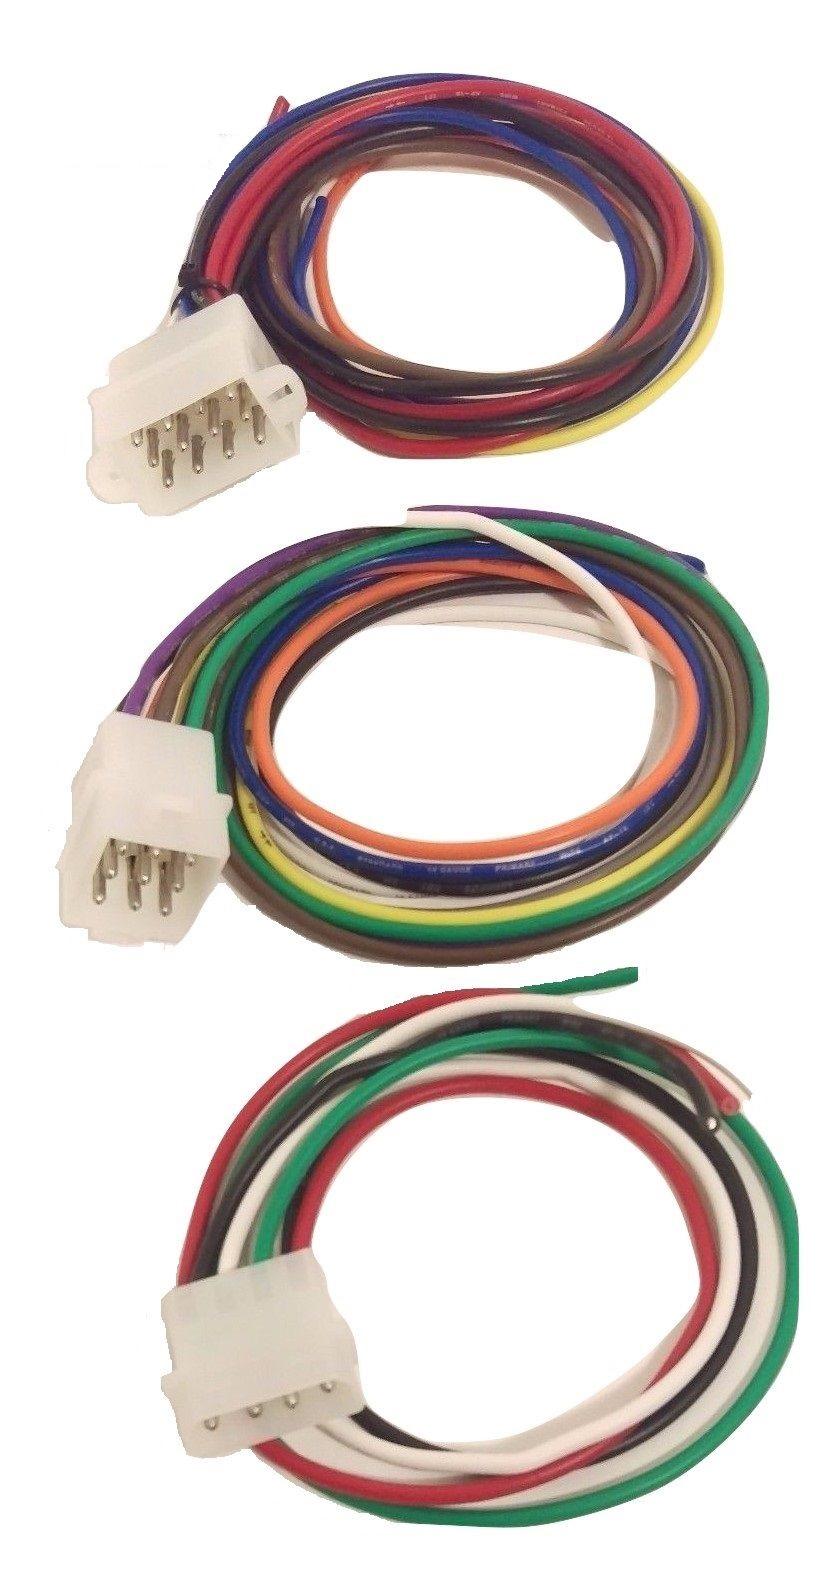 whelen Whelen Power Supply Wiring Diagram whelen 295hfsa5 4, 9, and 12 pin wiring cable kit whelen power supply wiring diagram